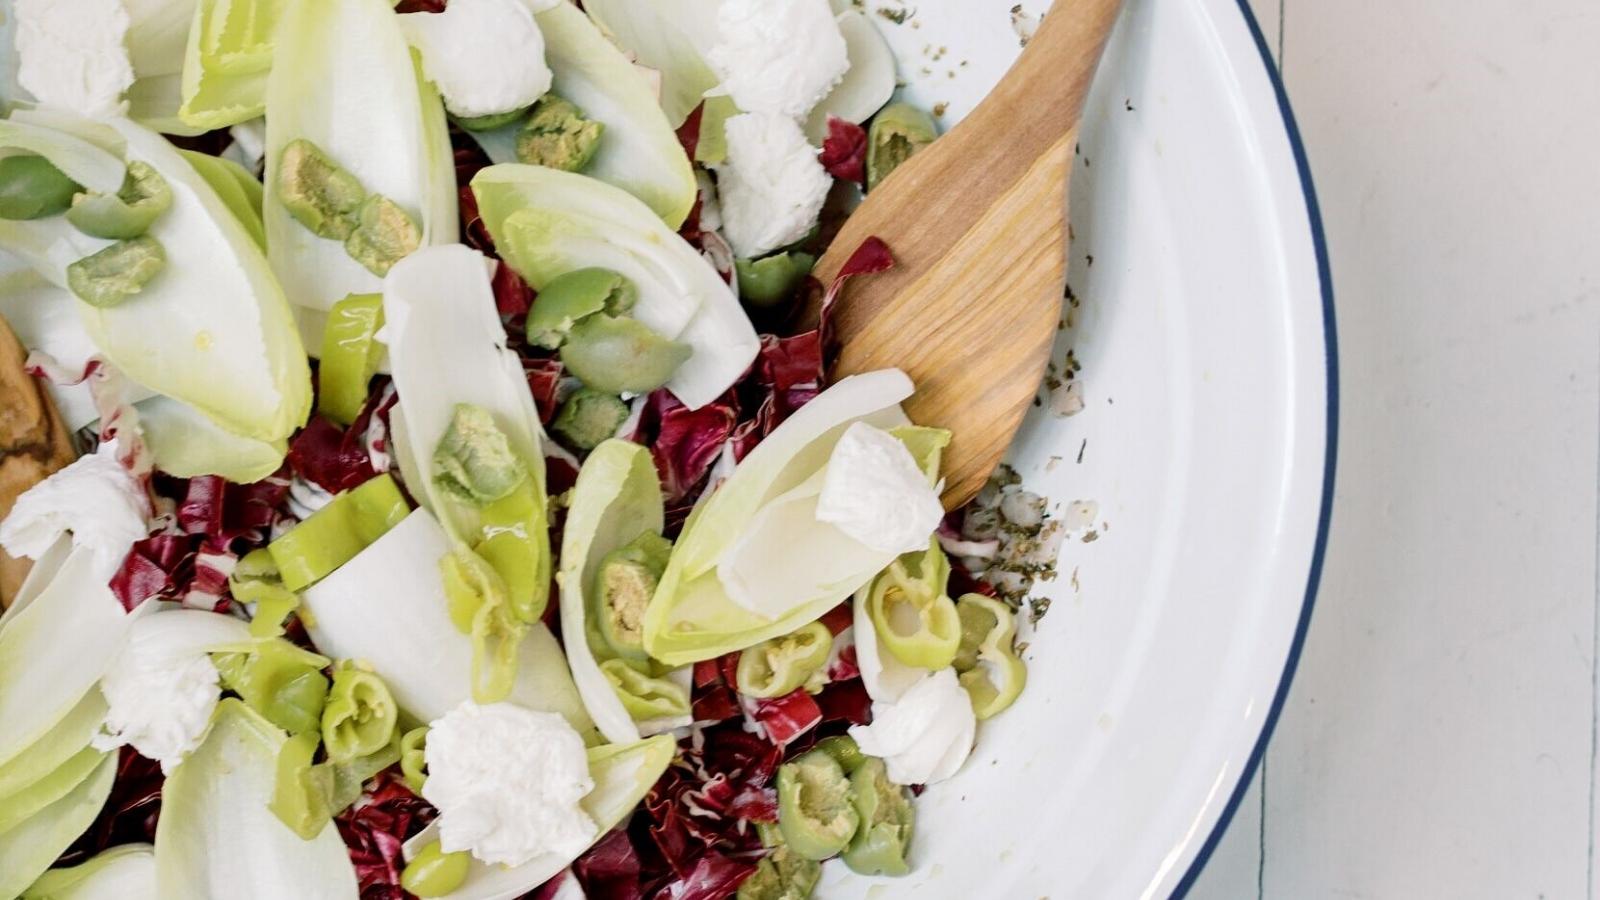 Đánh bay cơn nóng với các món salad giải nhiệt mùa hè